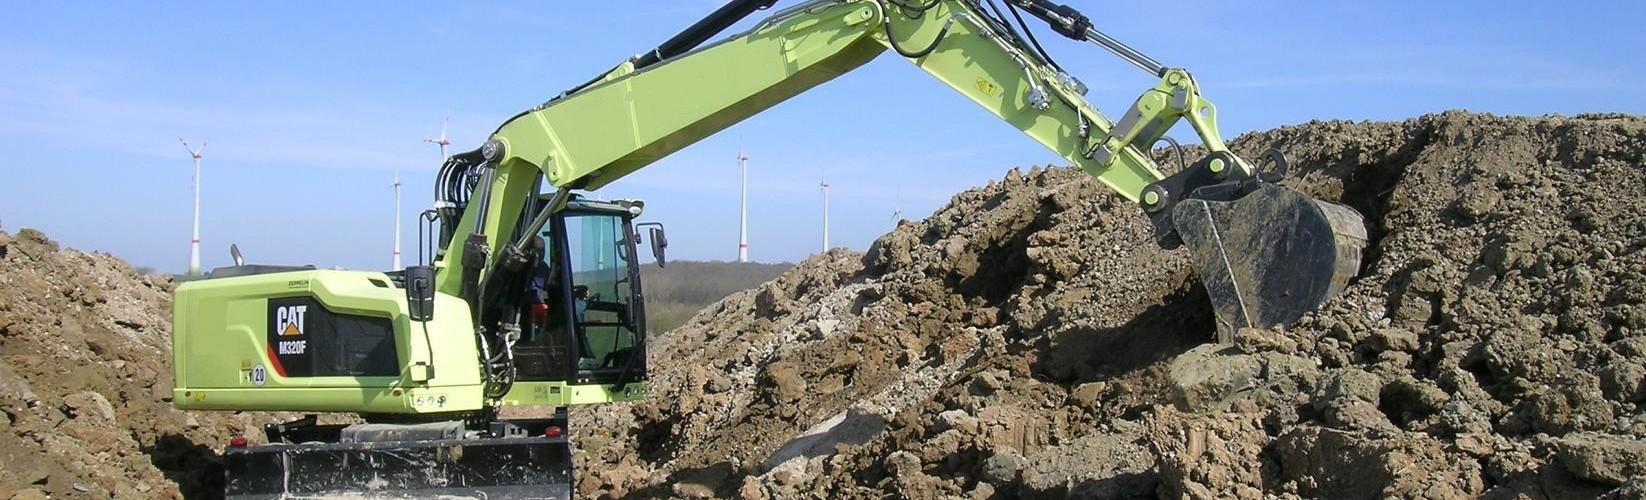 Bodenmanagement - Abfallwirtschaft